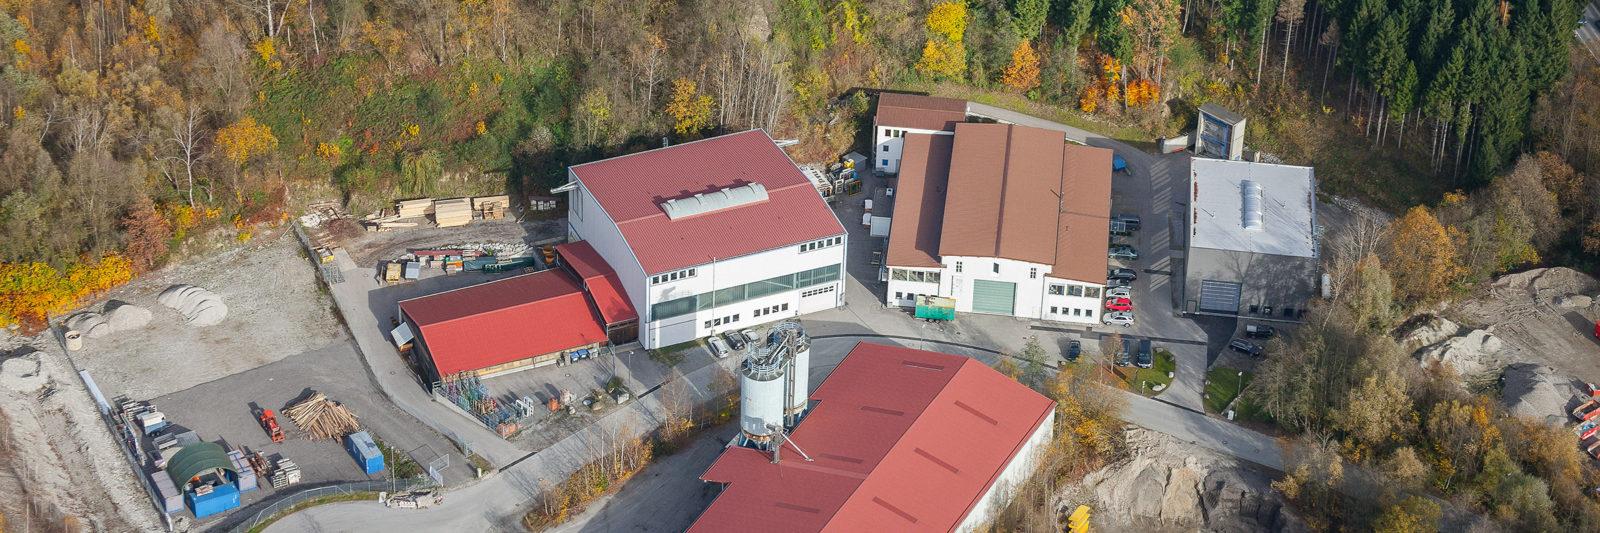 Prüfzentrum für Bauelemente